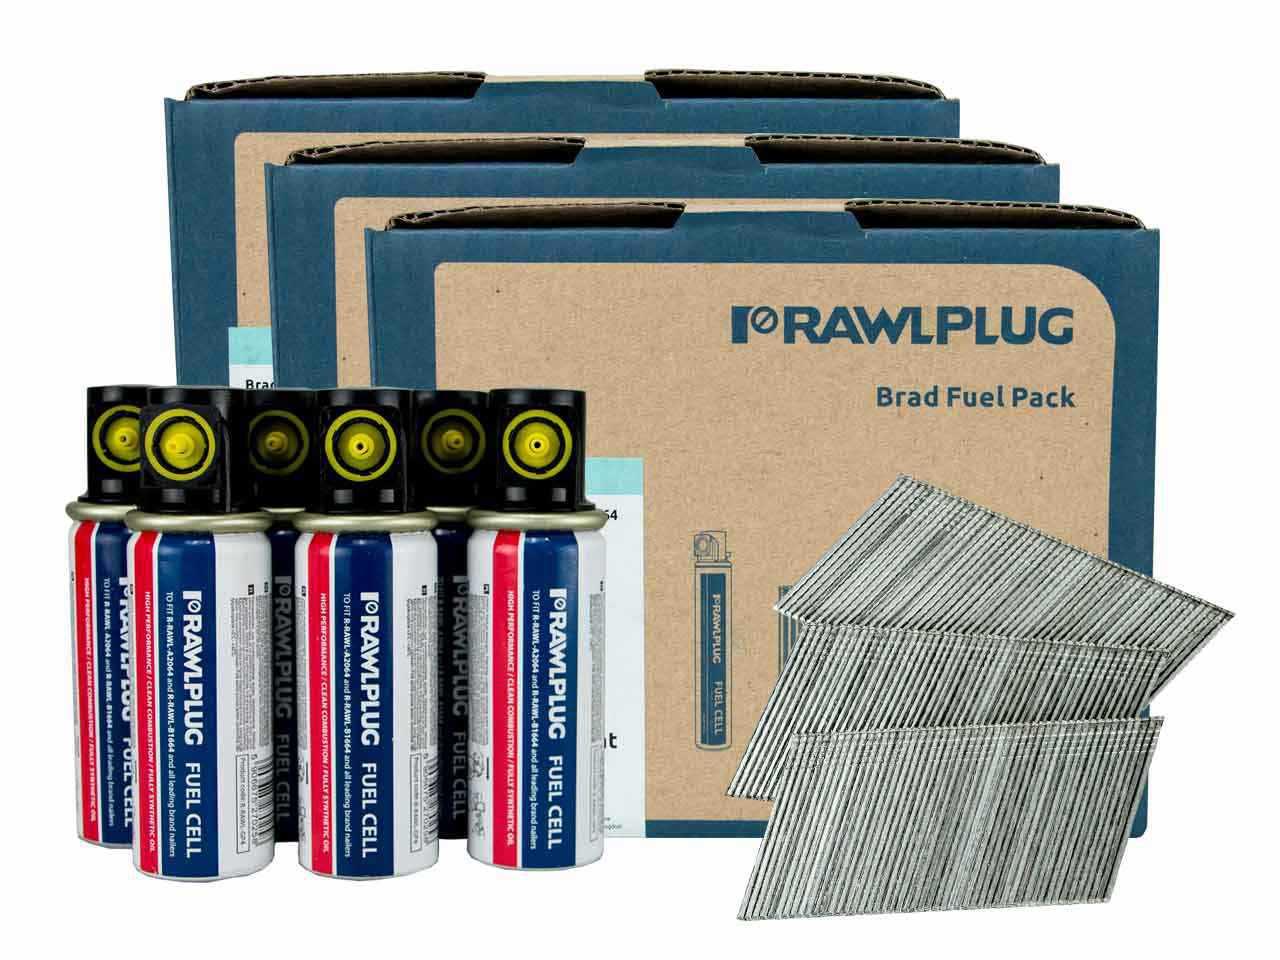 Rawlplug_BRADS20453.jpg